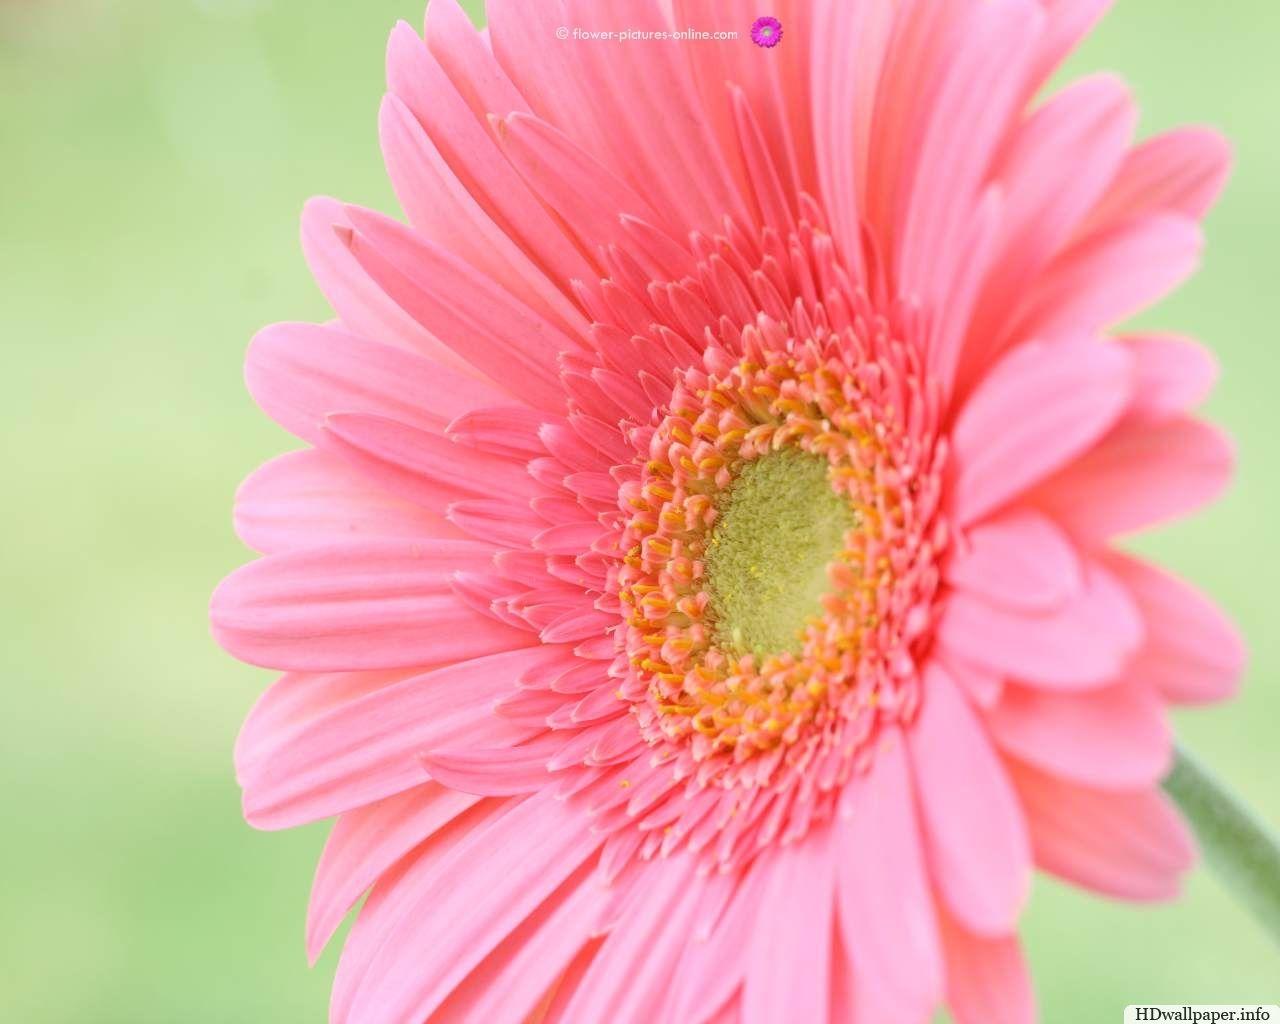 Flower Desktop Wallpapers Httphdwallpaperfoflower Desktop